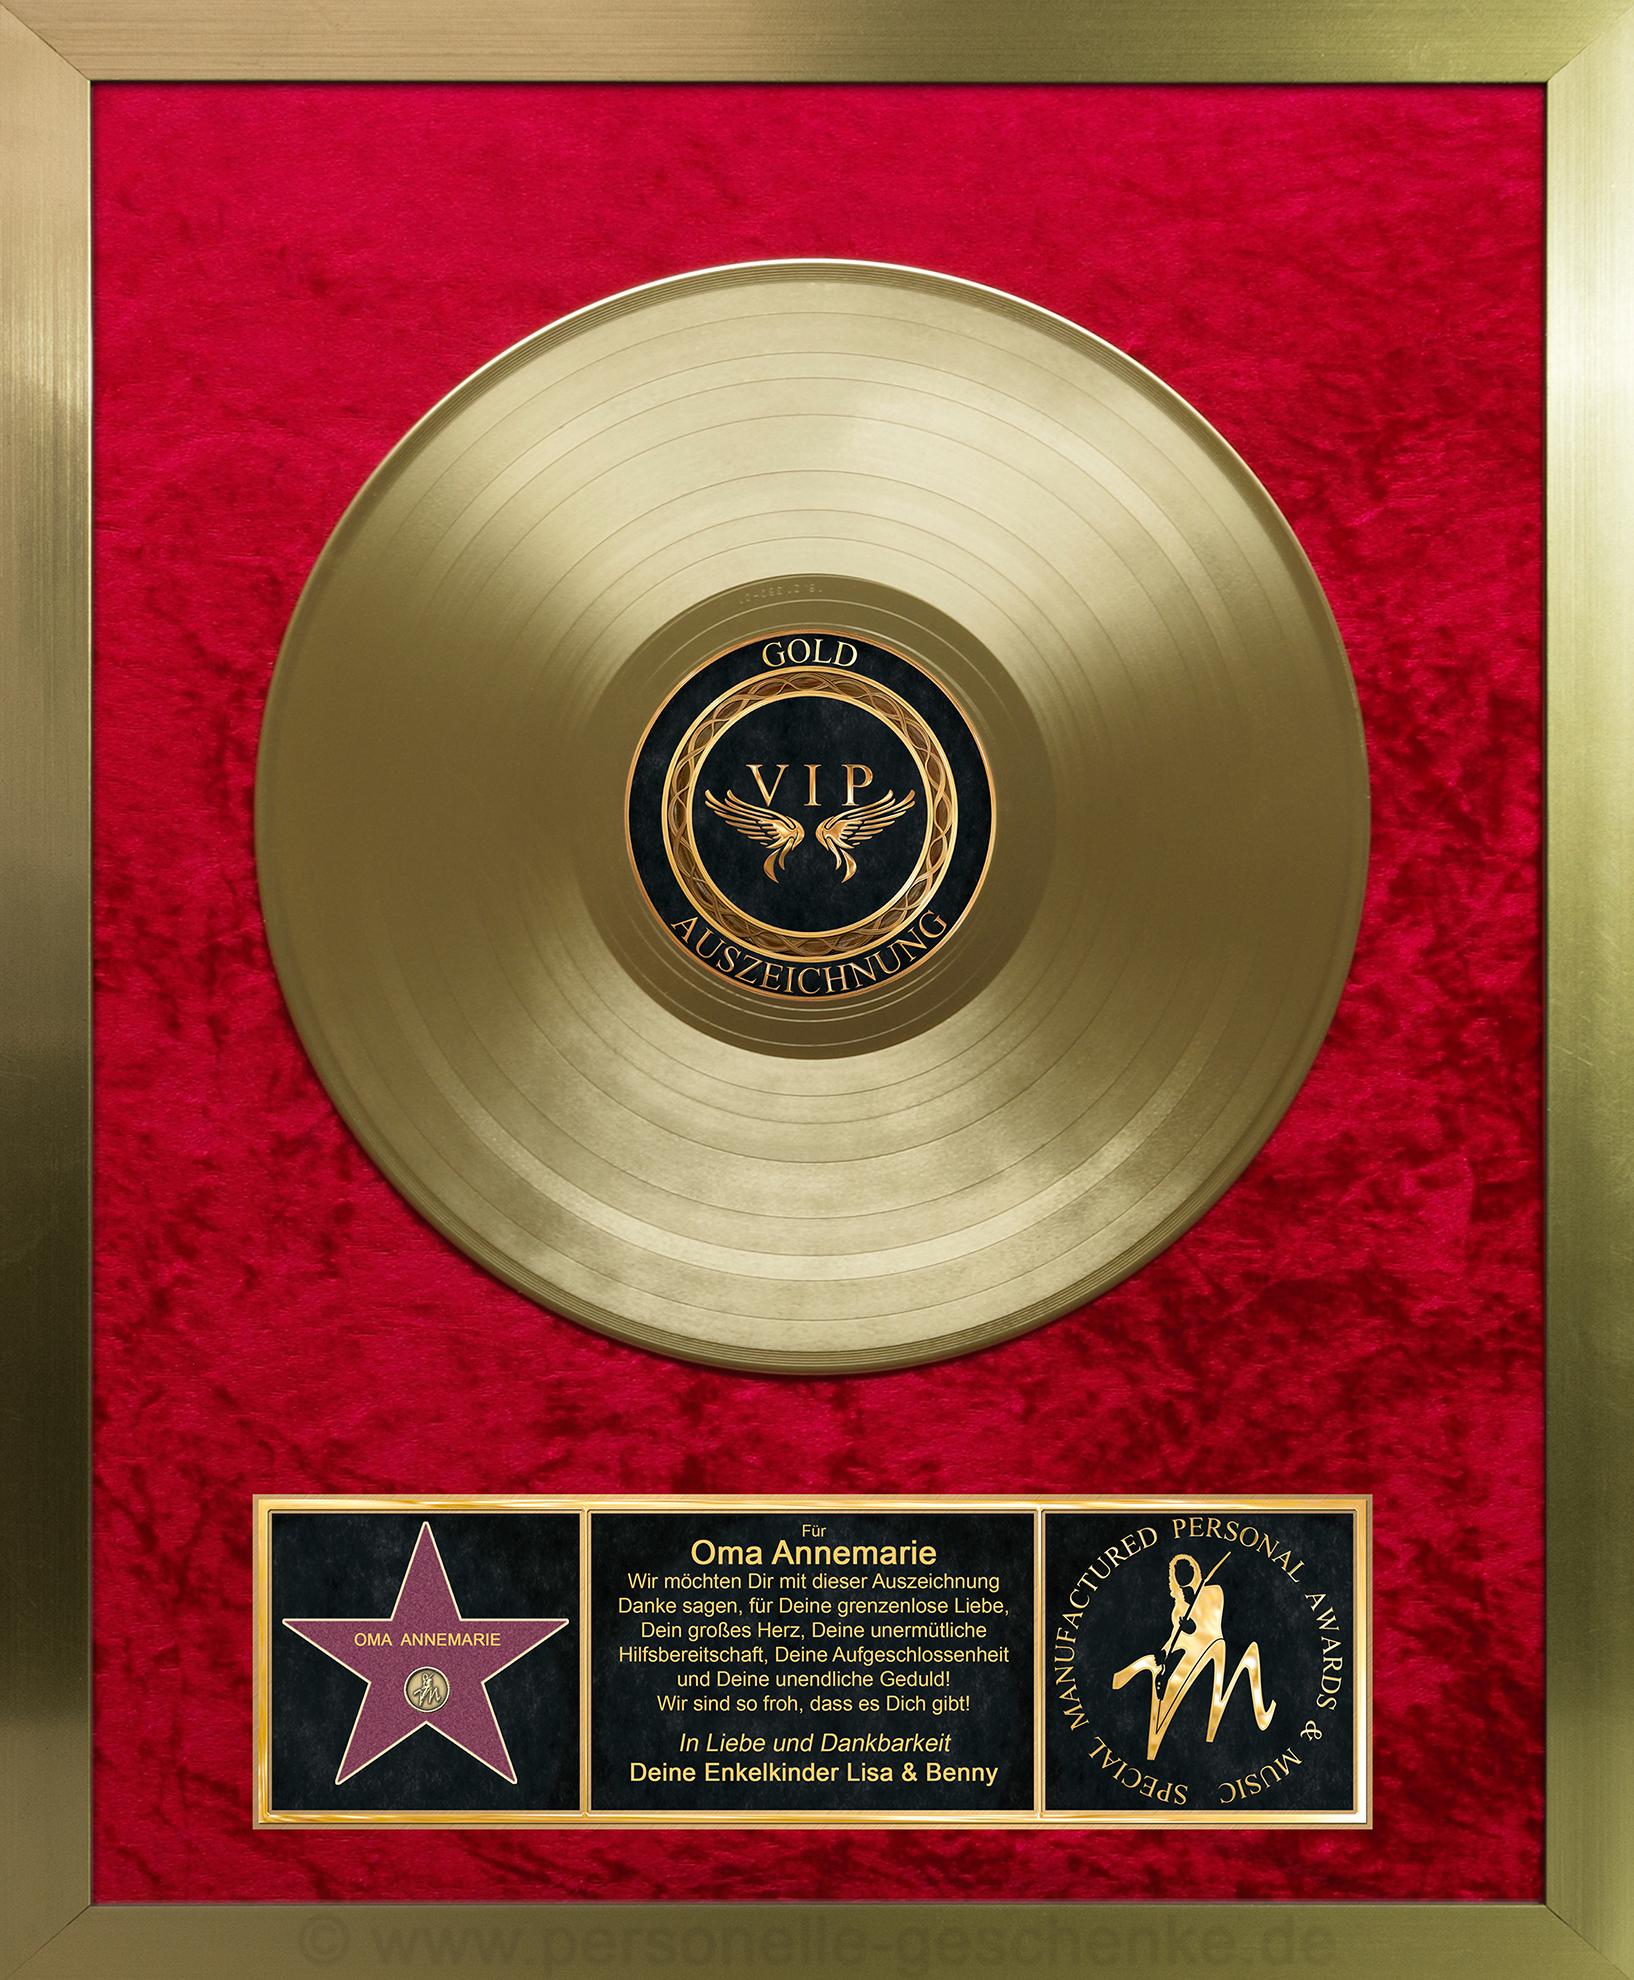 Goldene Schallplatte Gold Auf Rot